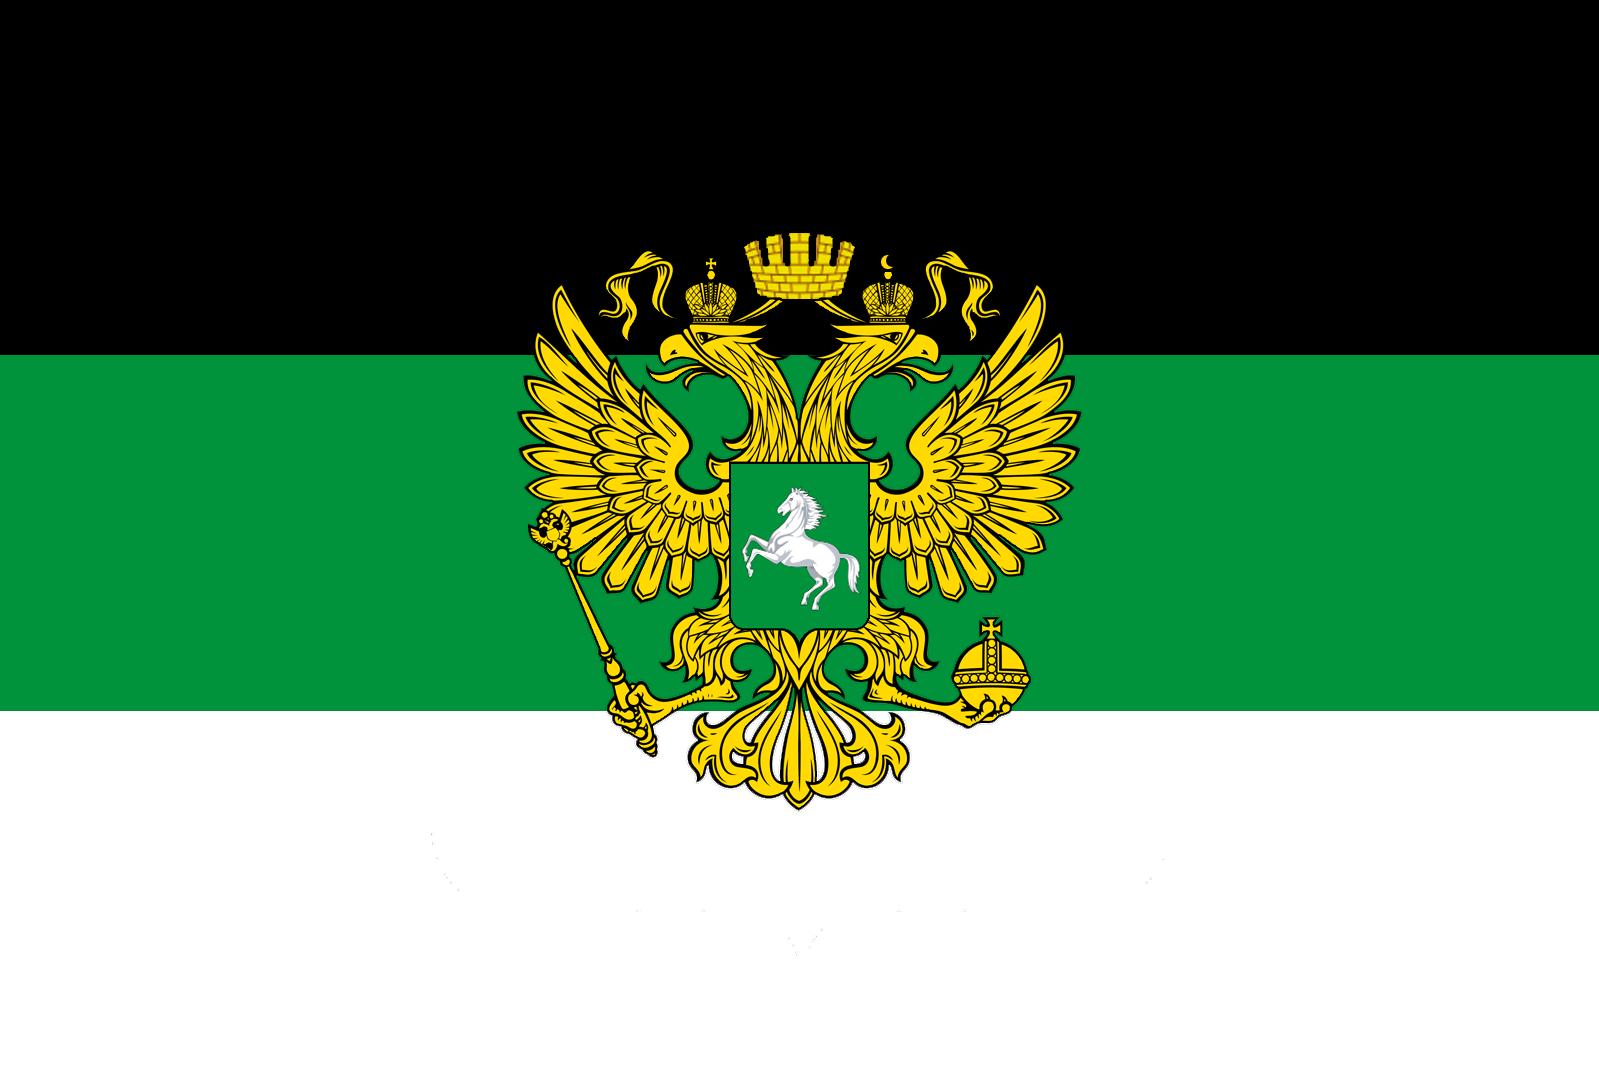 Chernokovsky